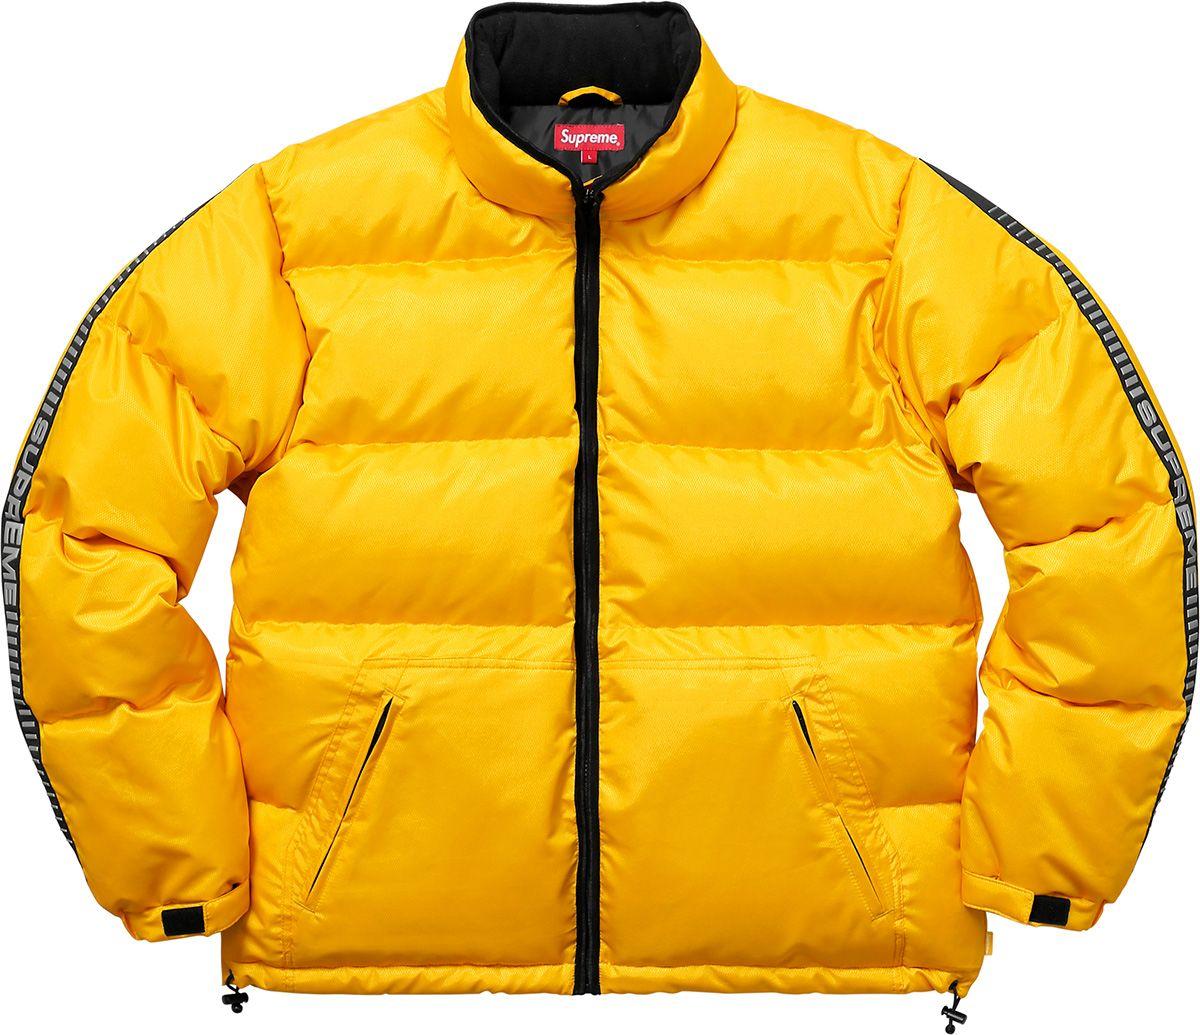 Supreme Reflective Sleeve Logo Puffy Jacket Yellow Puffer Jacket Puffy Jacket Jackets [ 1035 x 1200 Pixel ]